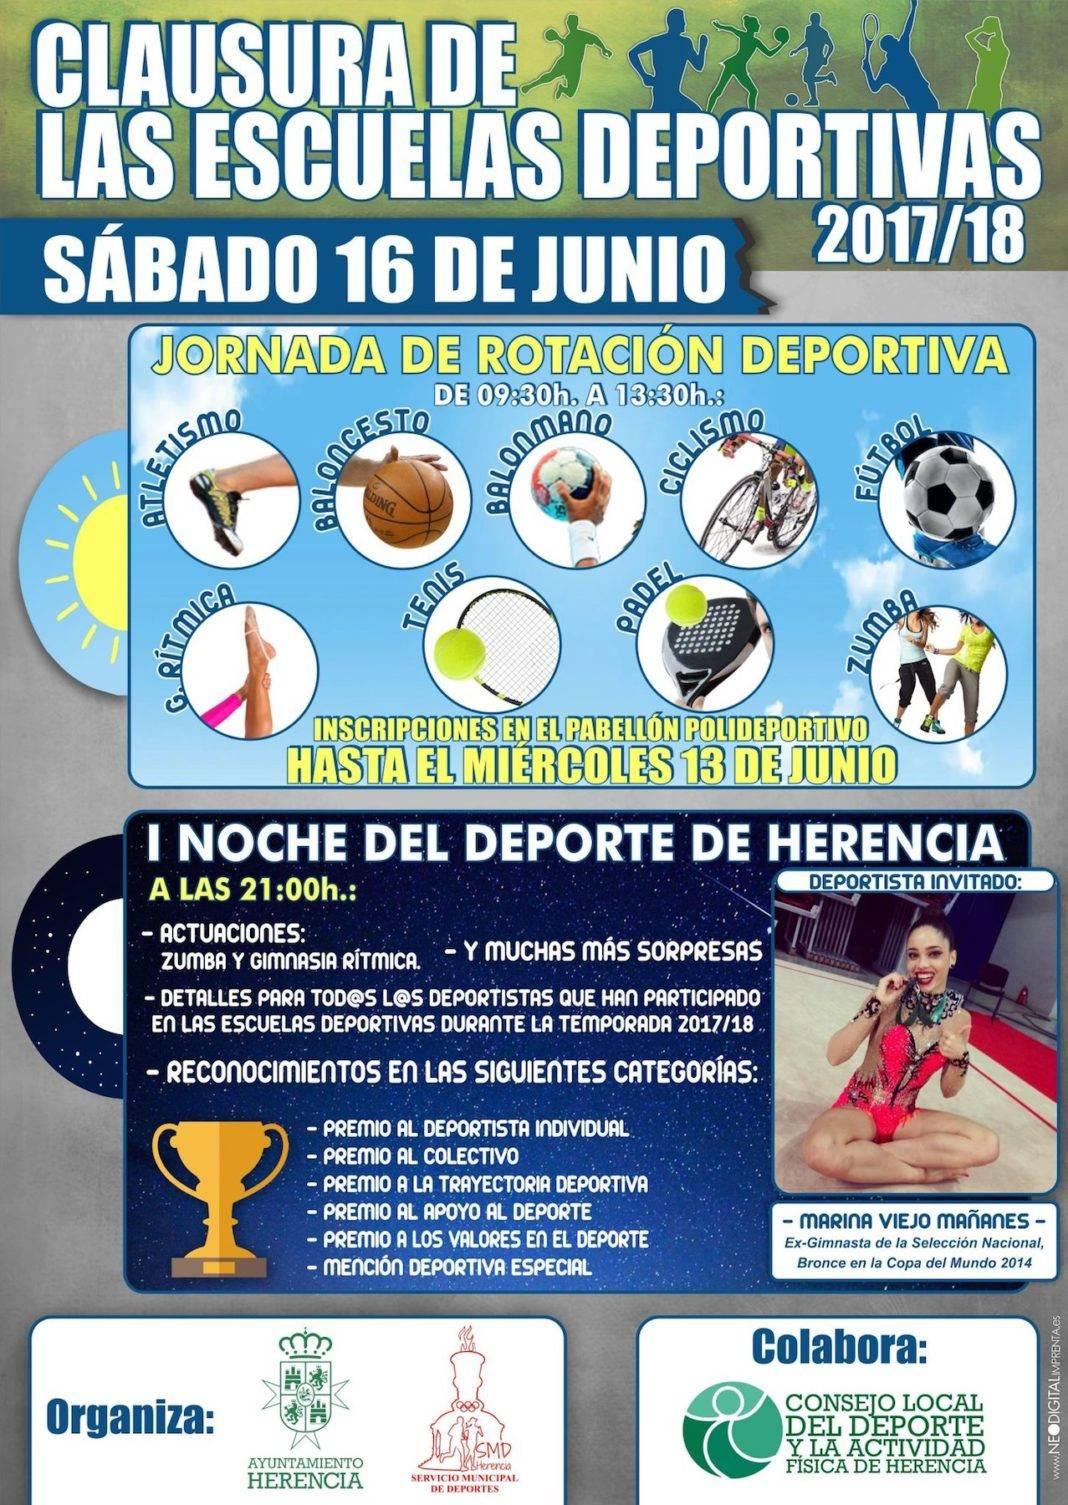 clausura escuelas deportivas y noche deporte herencia 1068x1505 - Clausura de las Escuelas Deportivas y la I Noche del Deporte